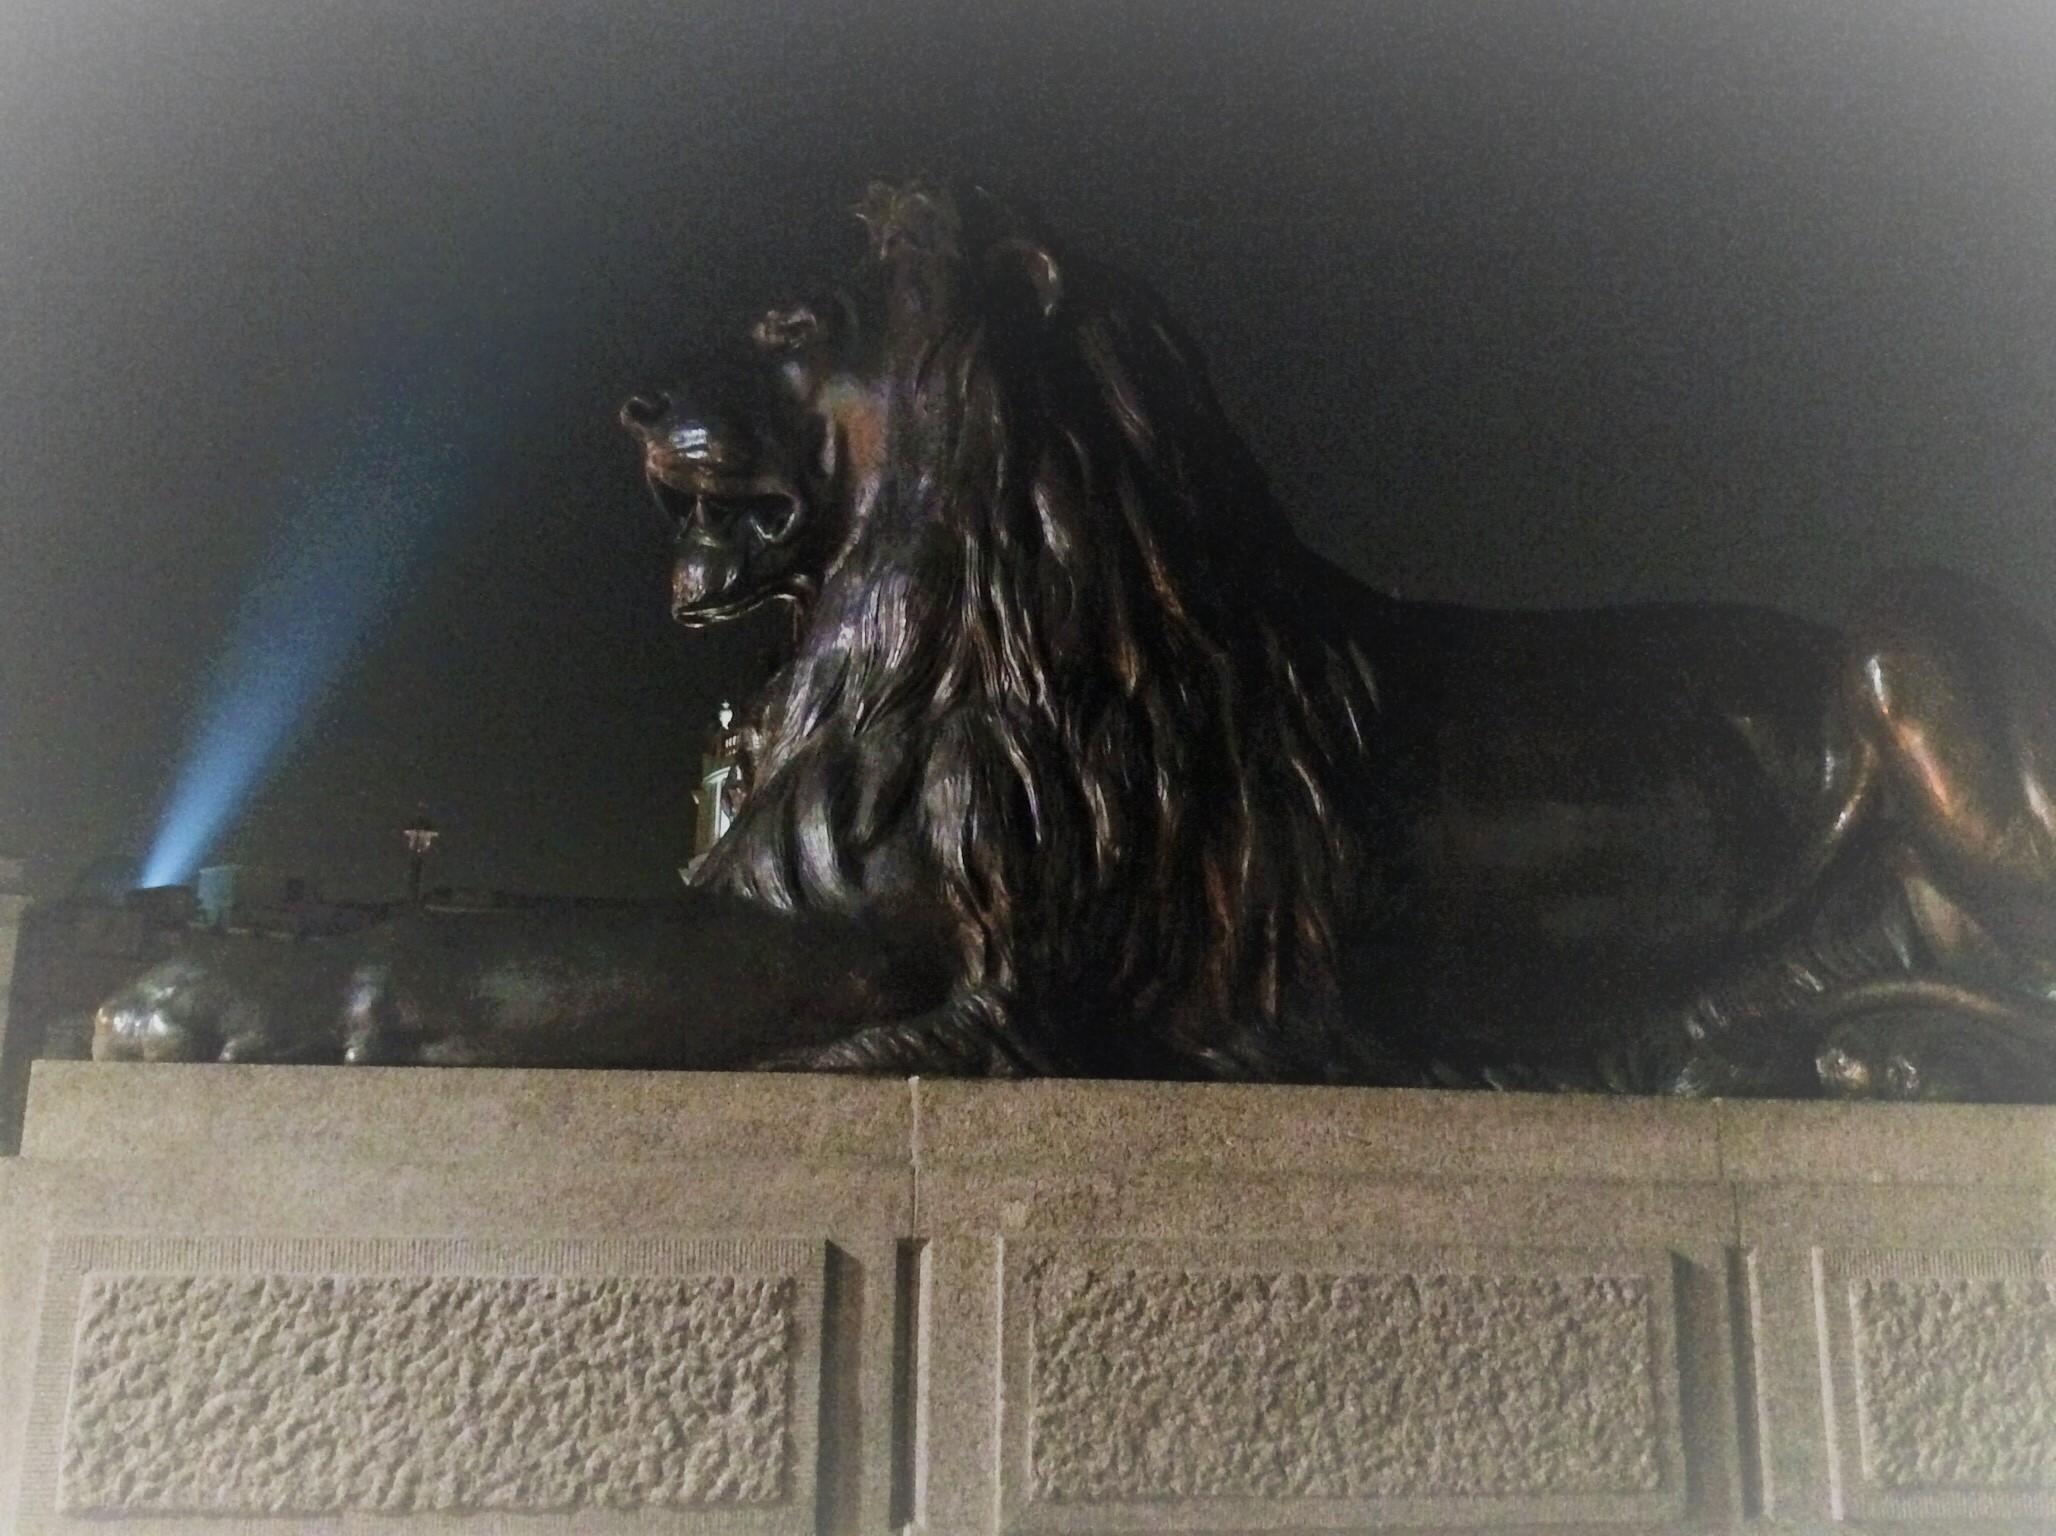 英国トラファルガー広場のライオン像